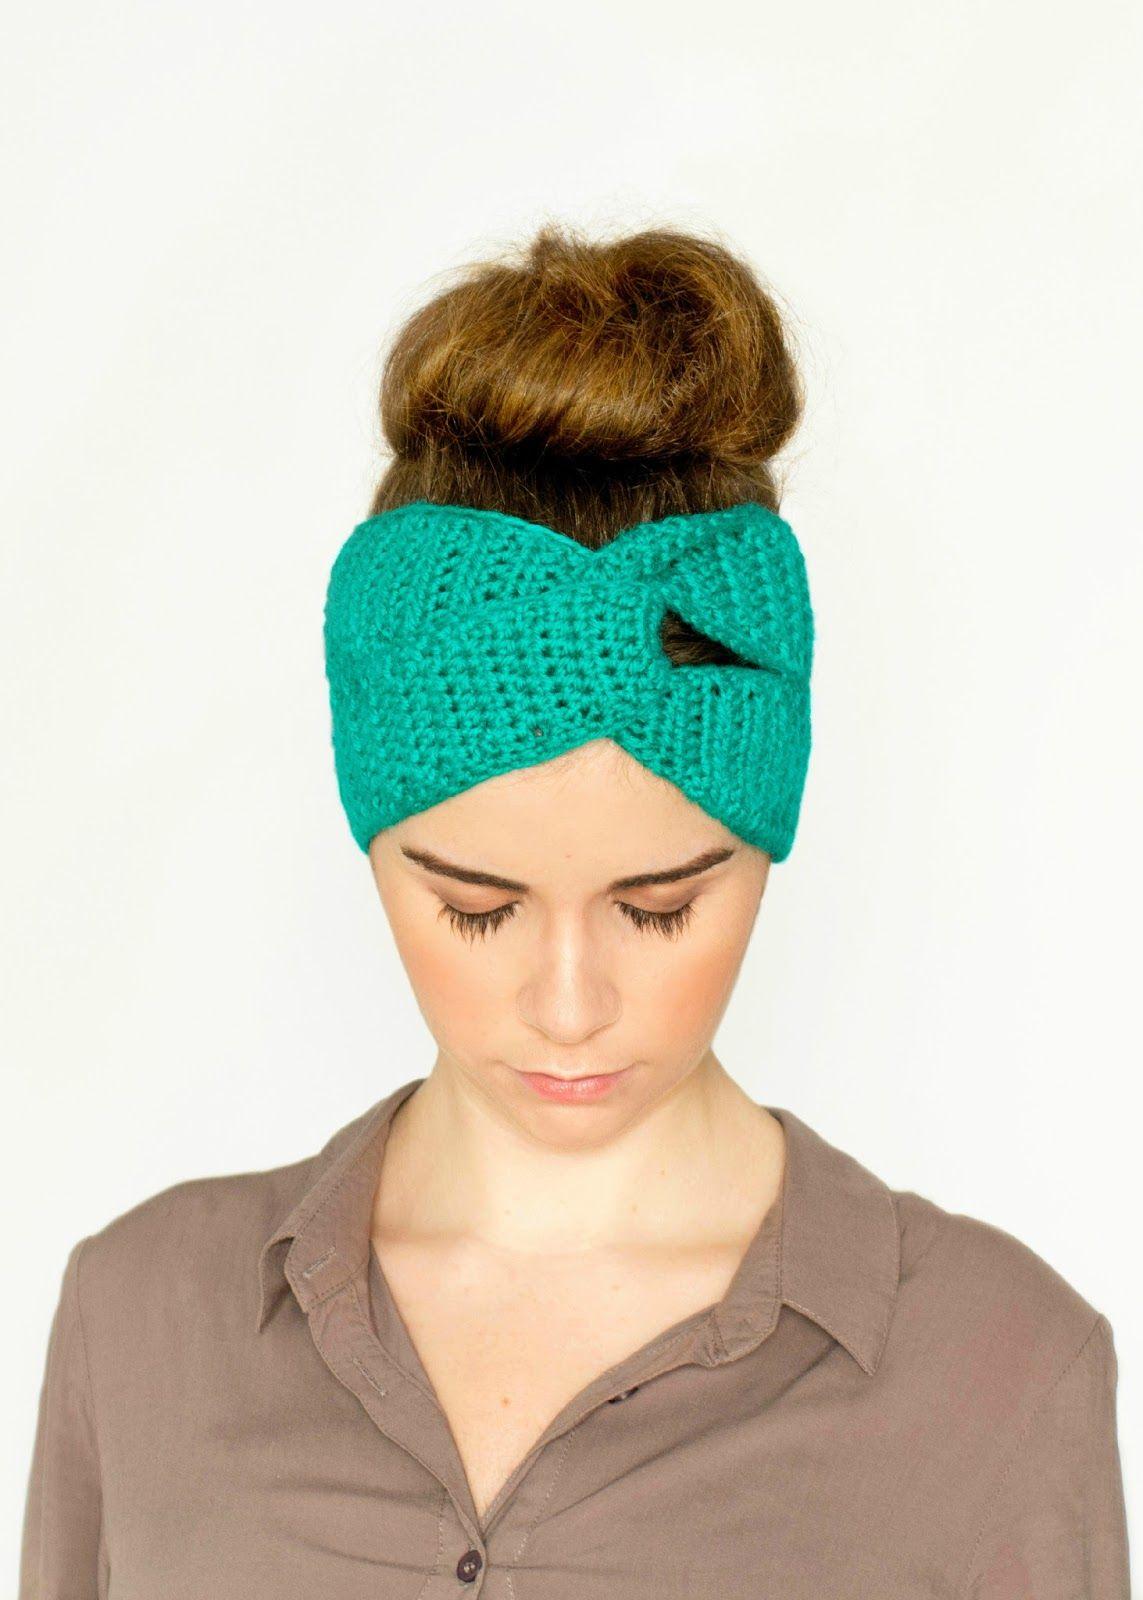 Twisted turban headband crochet pattern hopeful honey headband twisted turban headband crochet pattern knitted headband patterncrochet headband tutorialeasy bankloansurffo Images